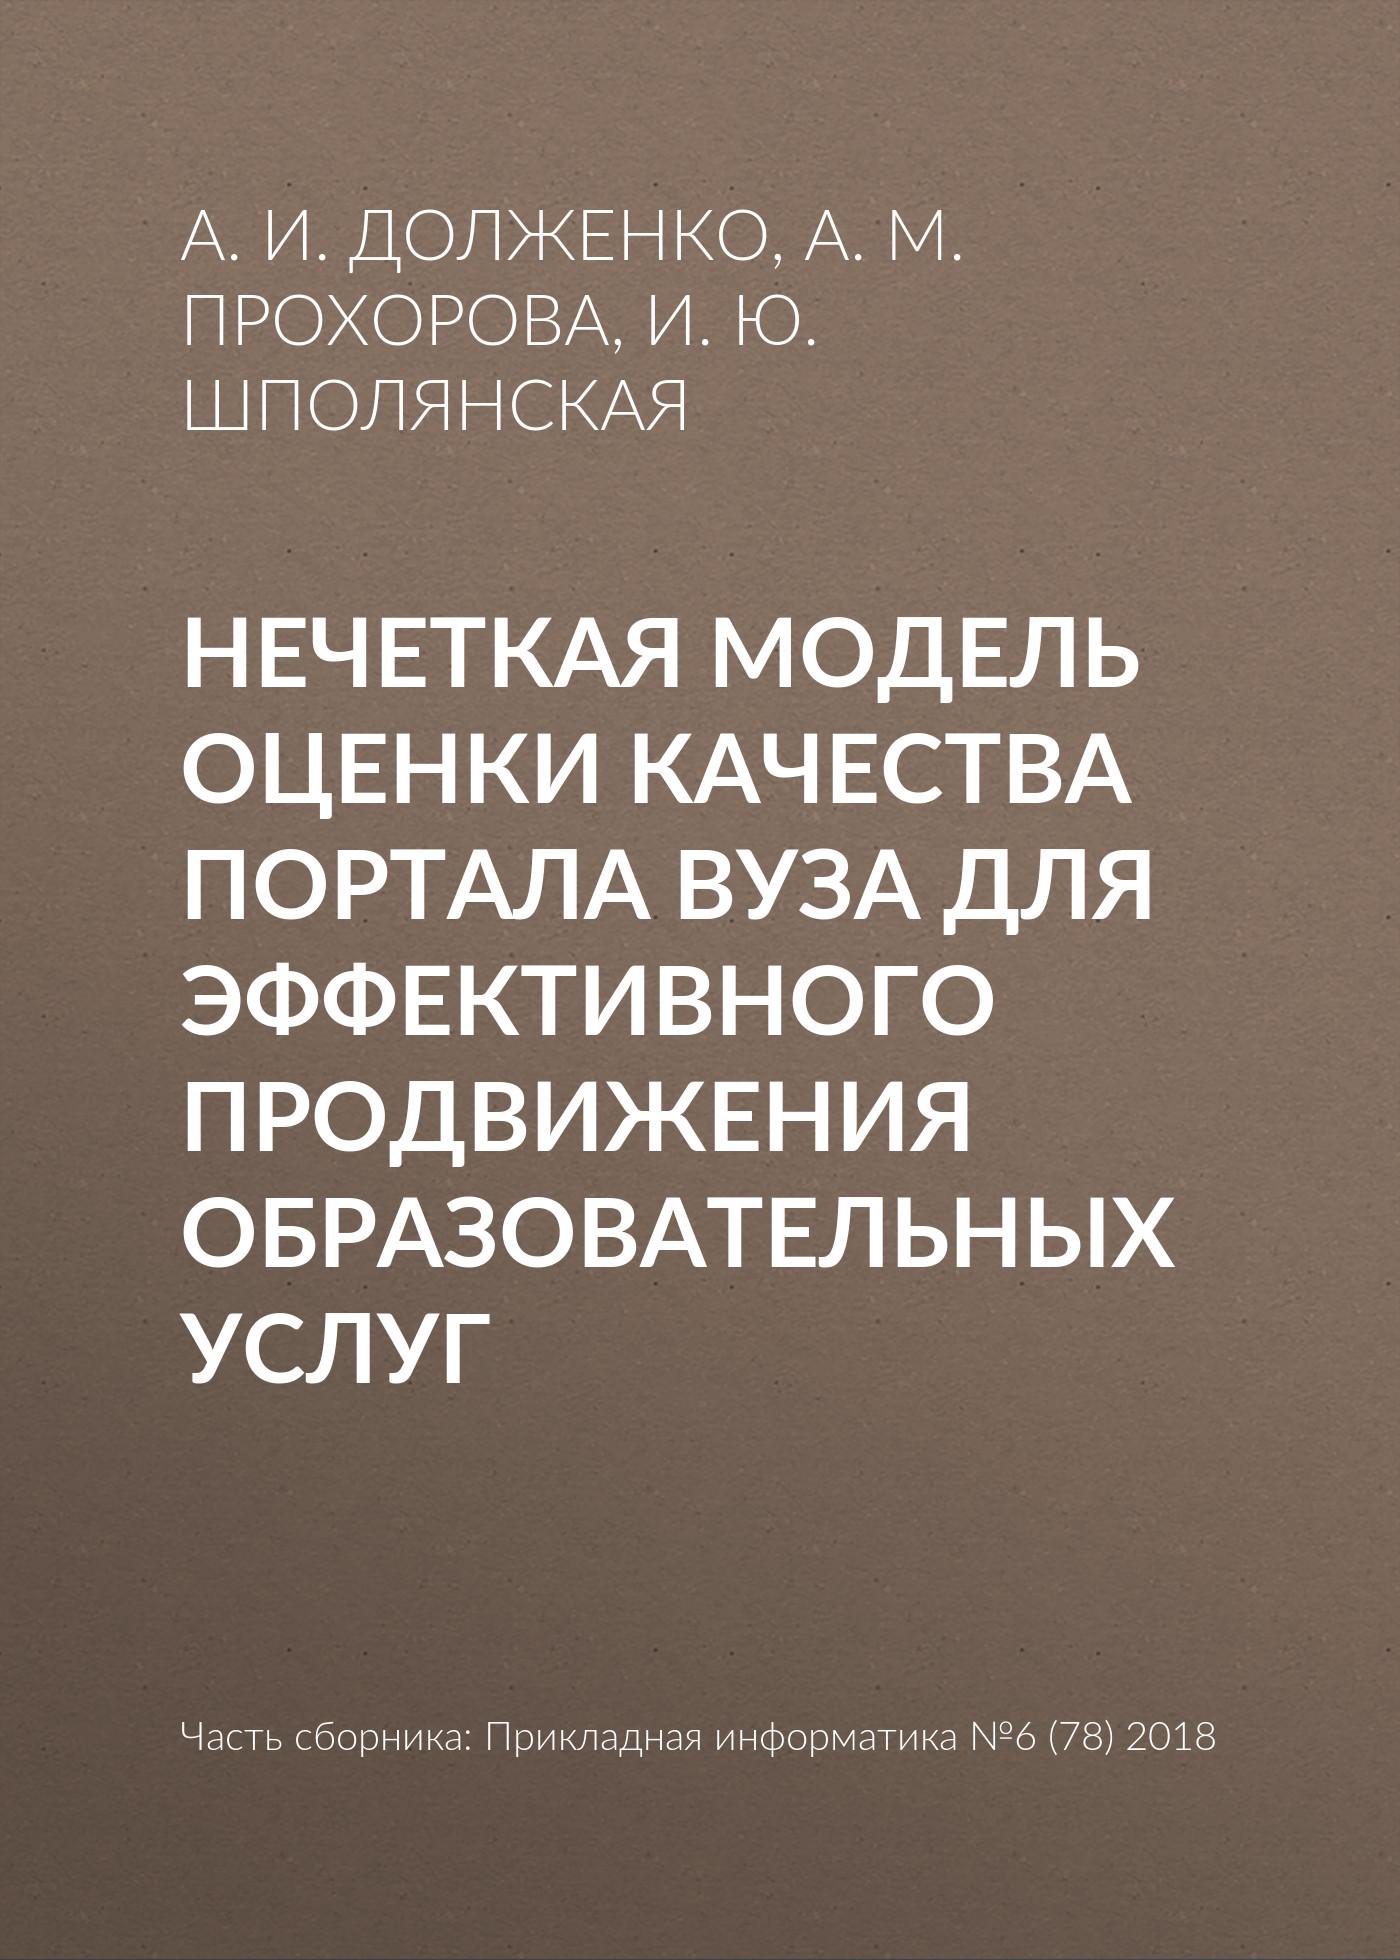 И. Ю. Шполянская Нечеткая модель оценки качества портала вуза для эффективного продвижения образовательных услуг